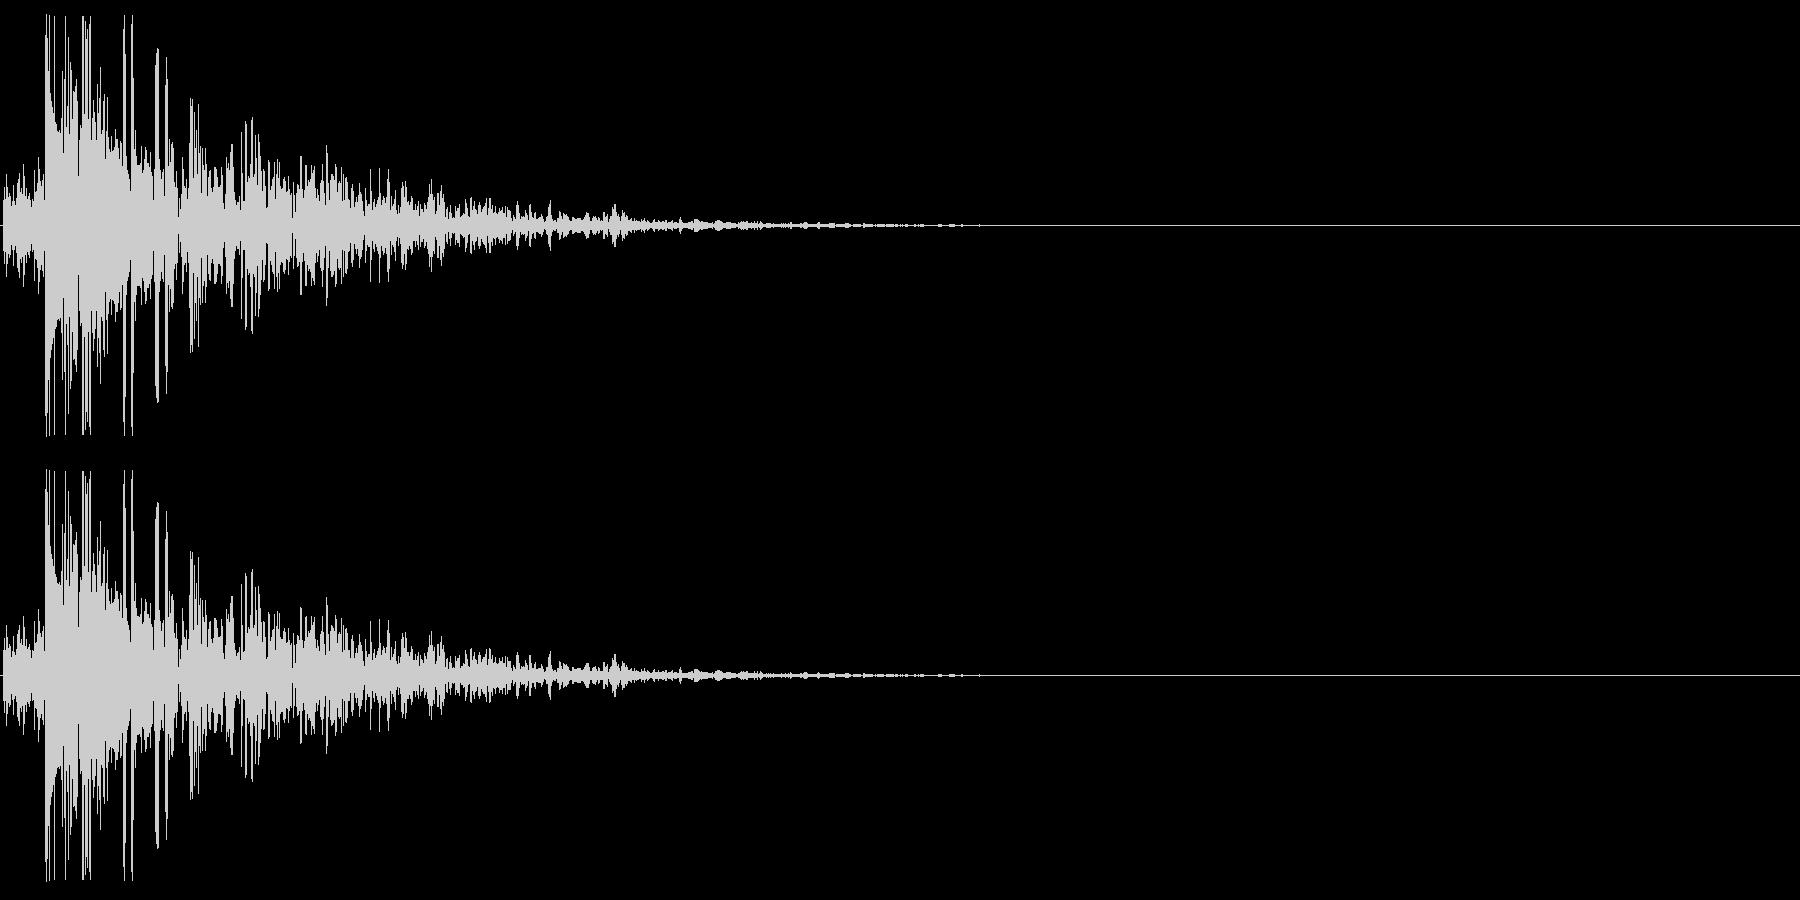 キャラクタが倒れる01(やや重い系)の未再生の波形